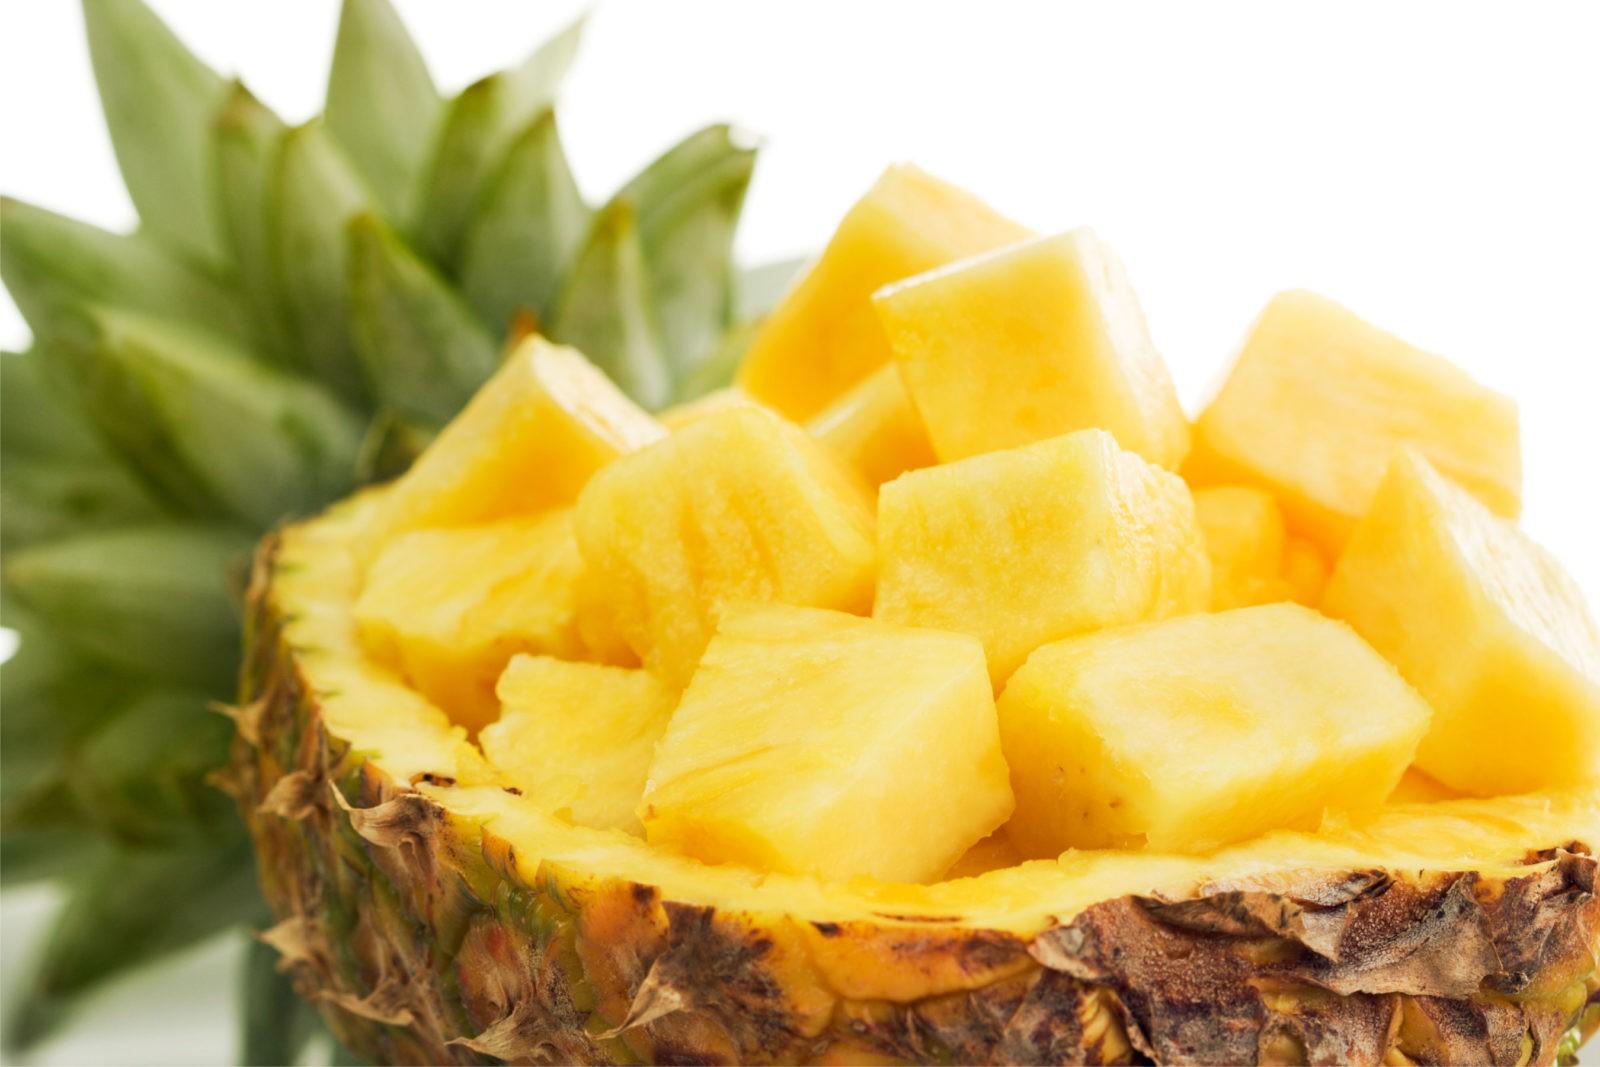 kak-pravilno-chistit-ananas (8)